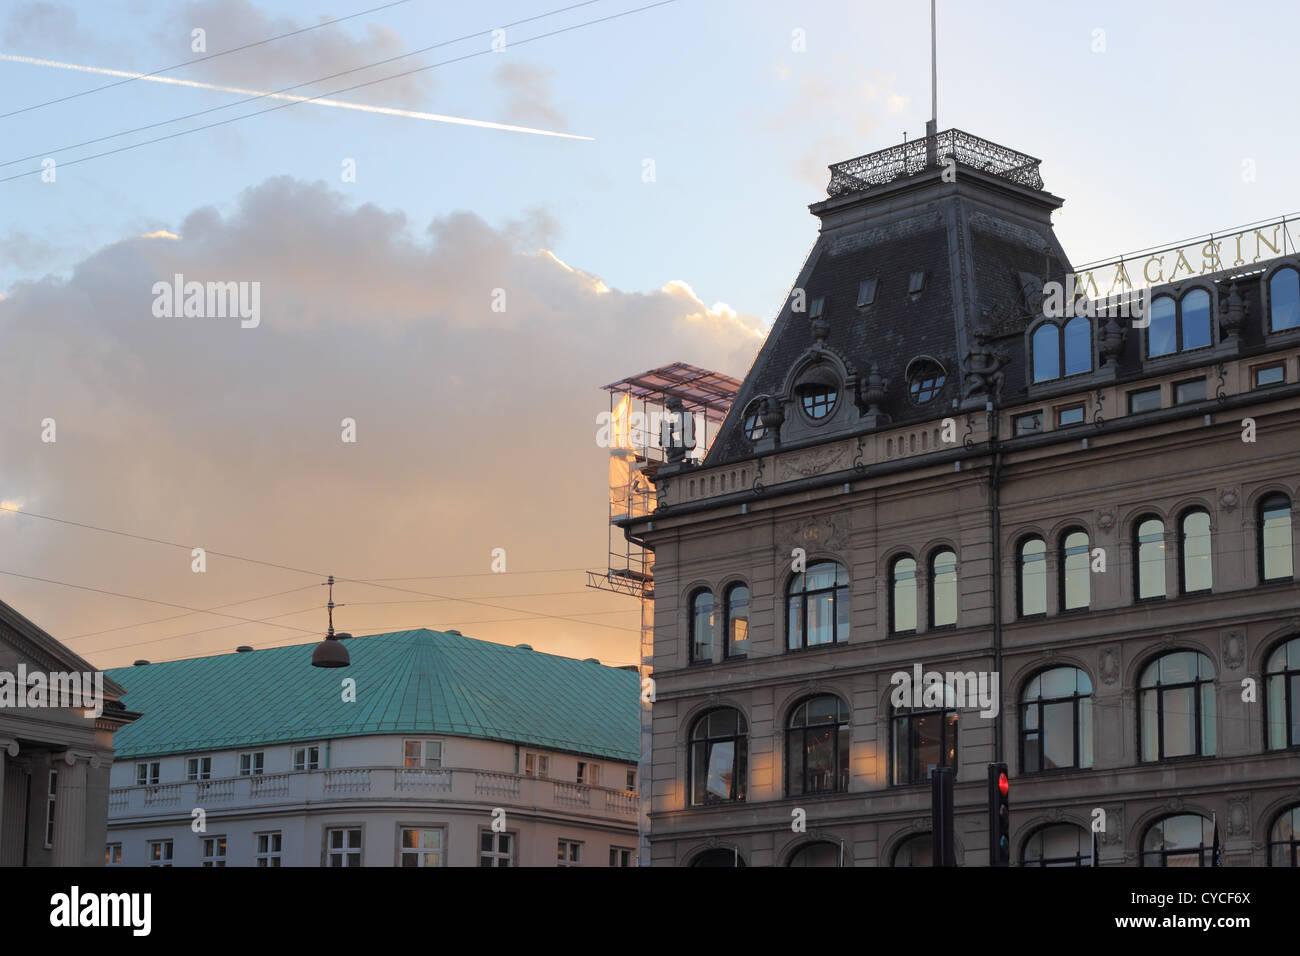 DENMARK / COPENHAGEN _ Magasin du Nord shopping store - Stock Image